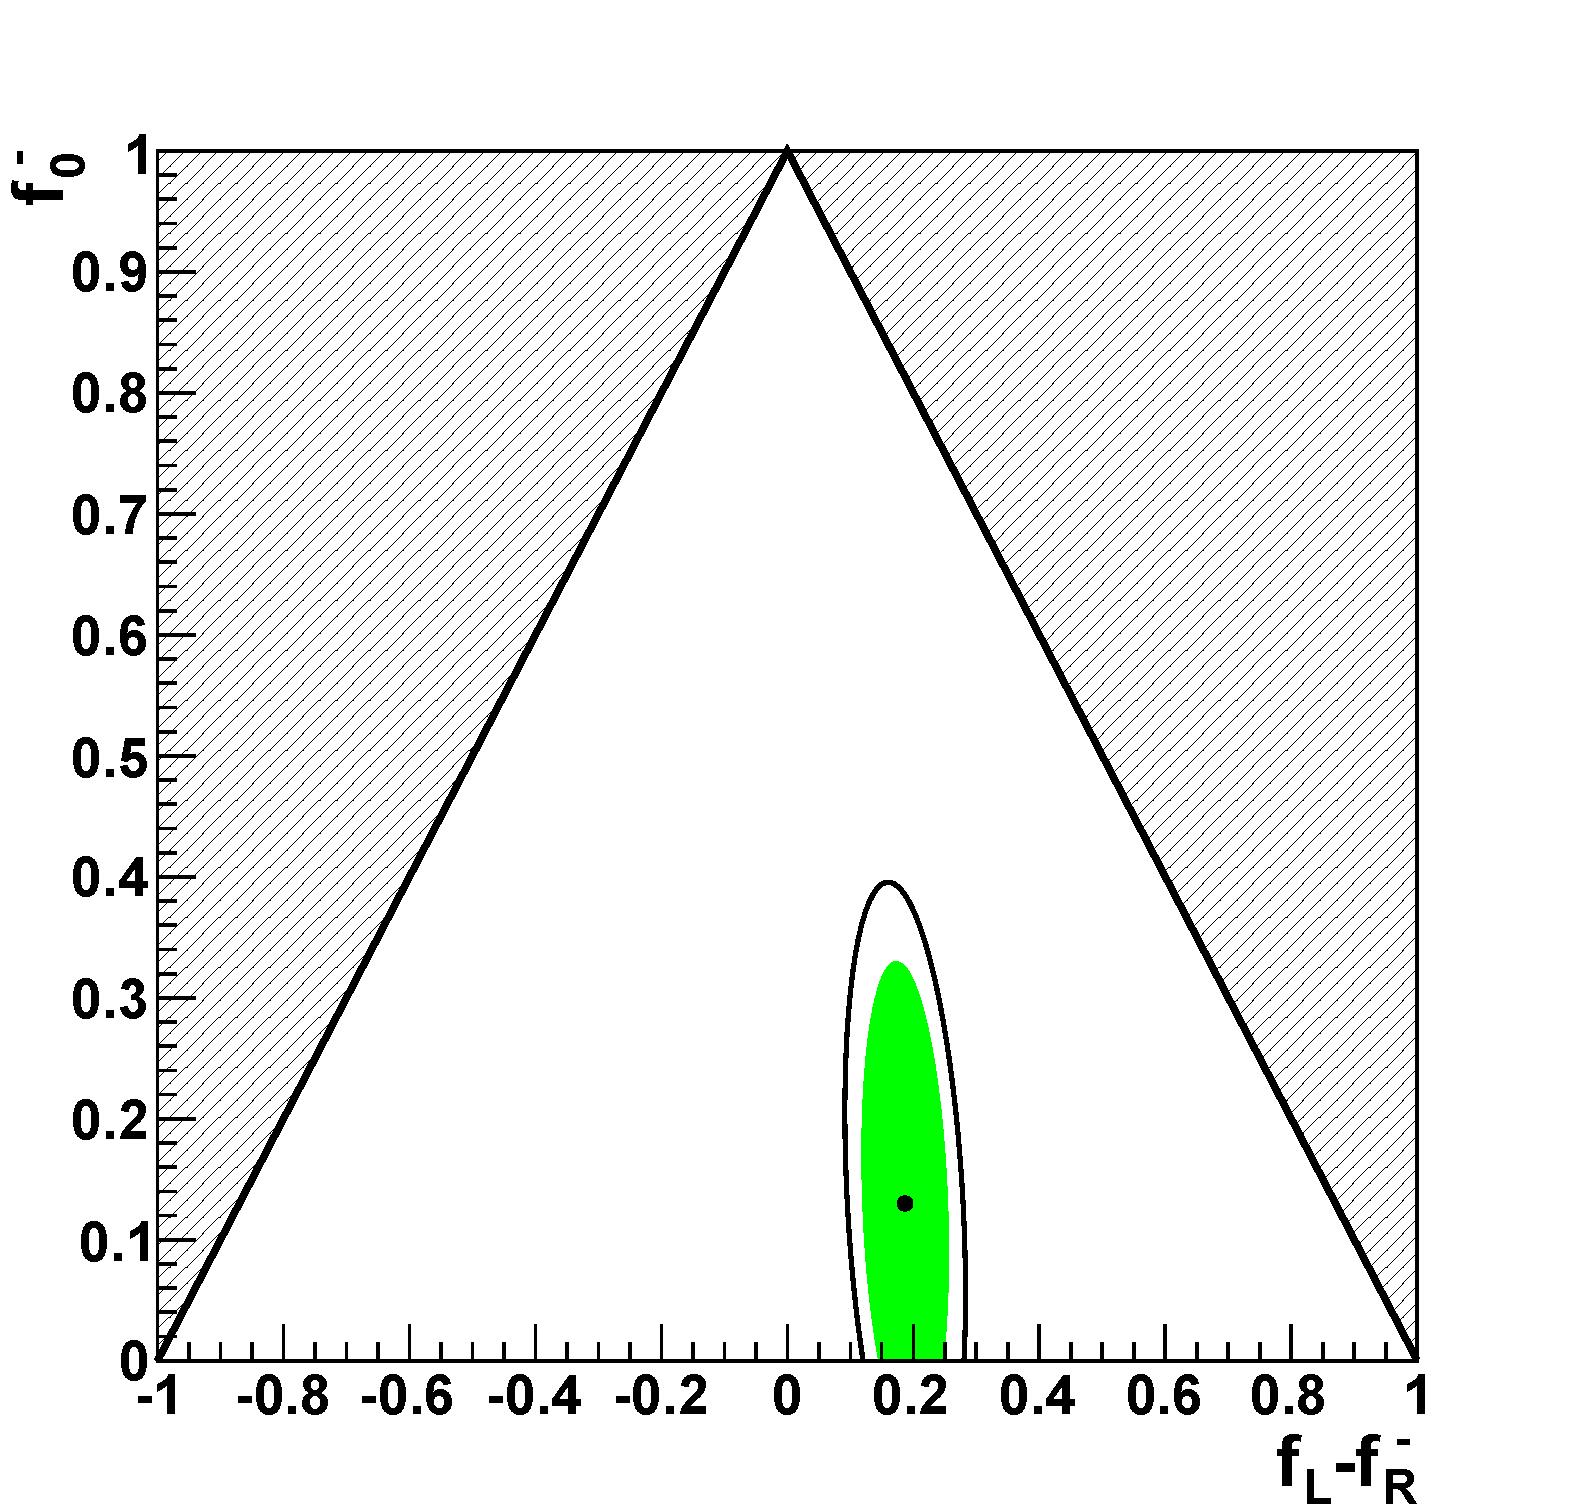 electron_contour_minus.png